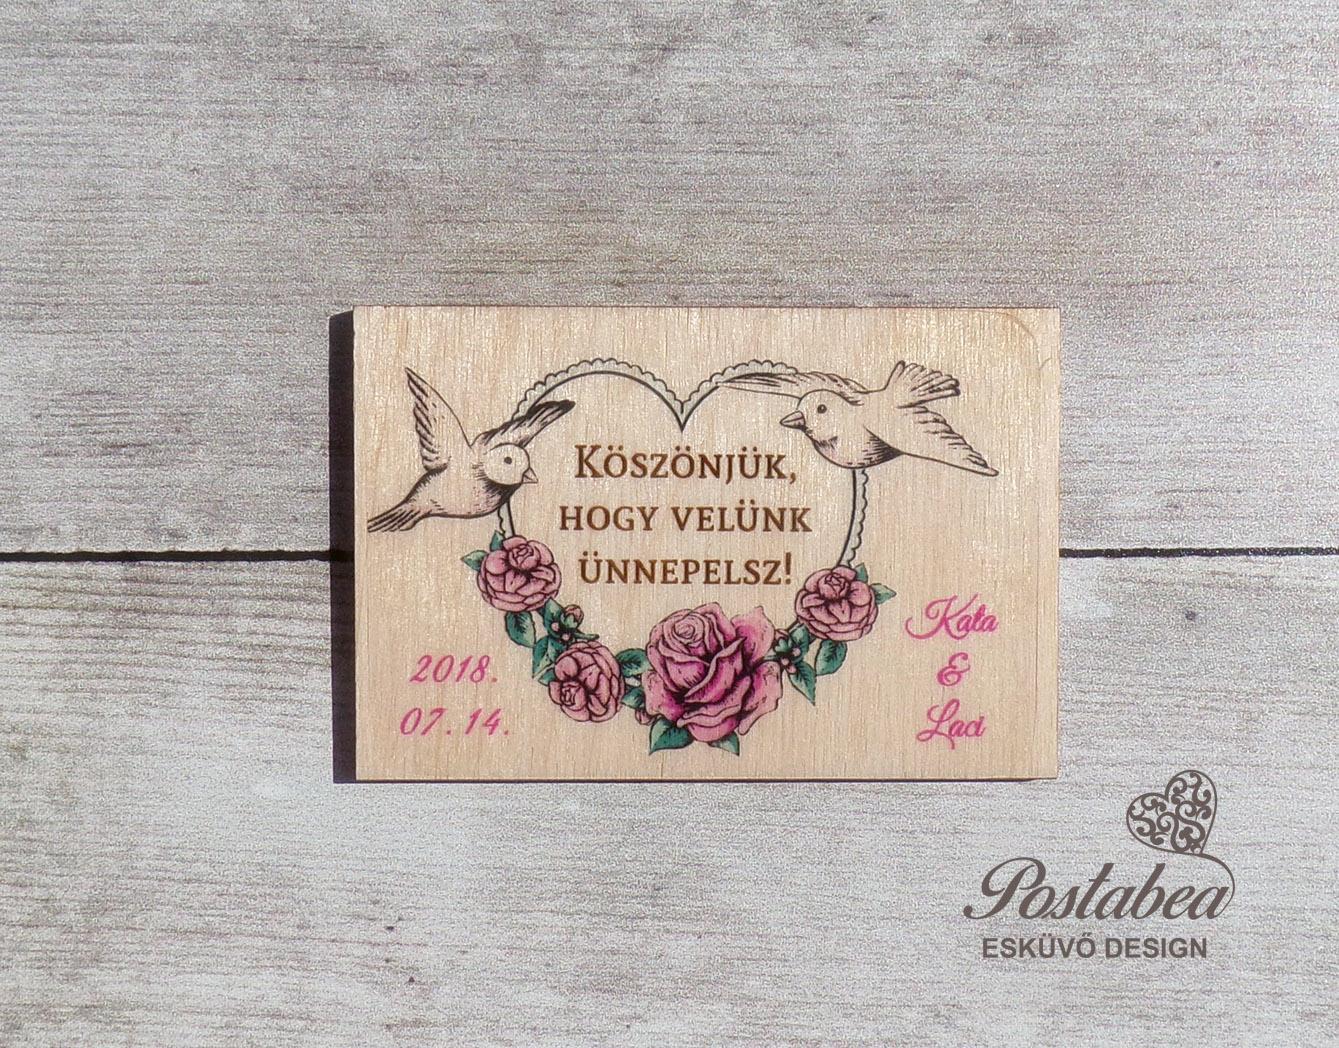 27cb5b58bc Esküvői köszönetajándék hűtőmágnes | Postabea esküvői meghívó